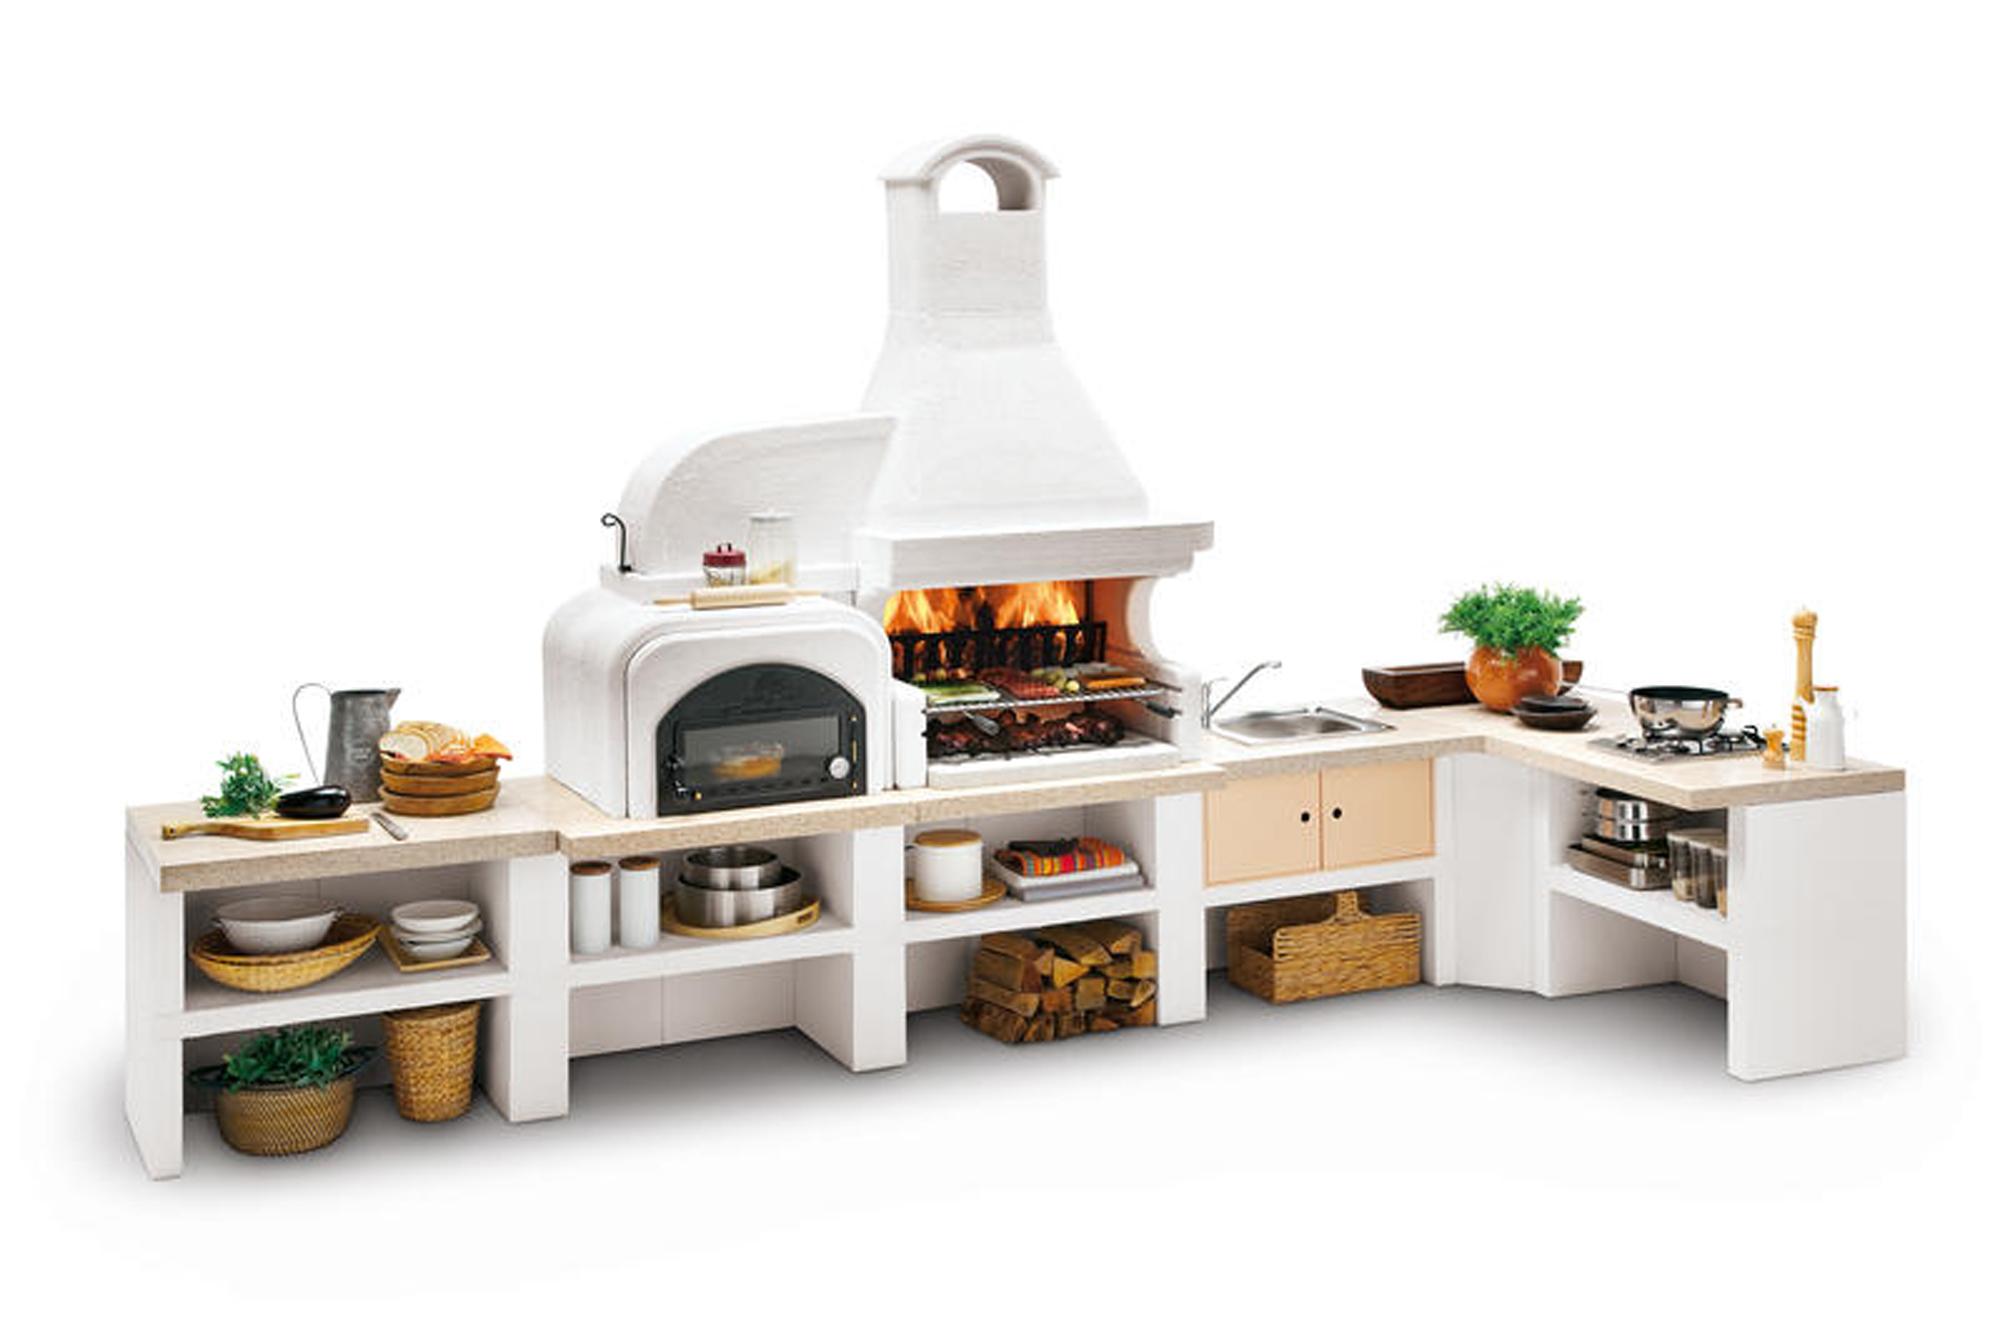 Gasgrill Küche mit tolle design für ihr wohnideen